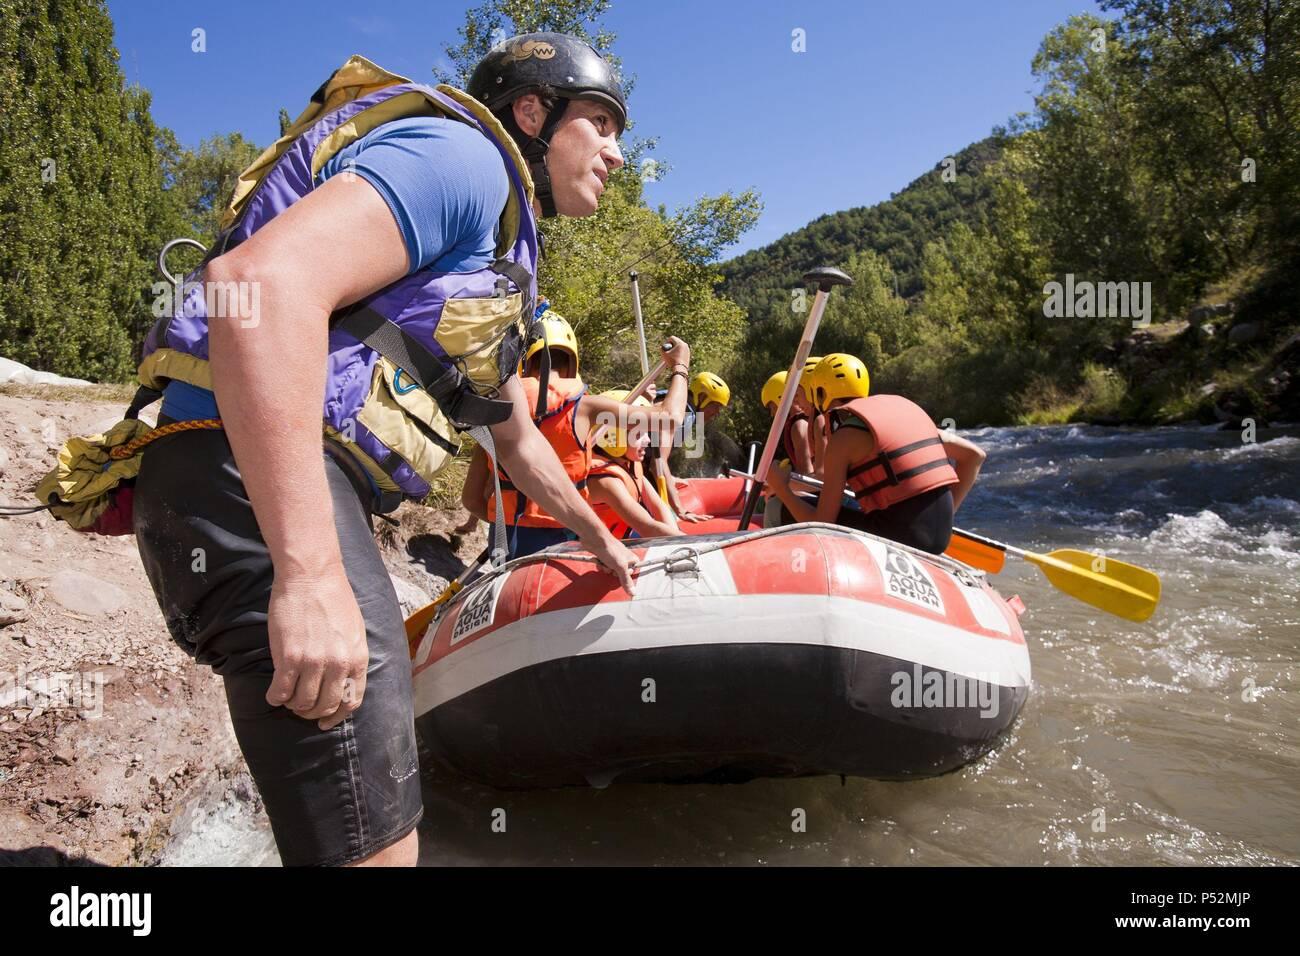 Rafting in Noguera Ribagorzana River. Alta Ribagorza. Lerida. Spain. - Stock Image